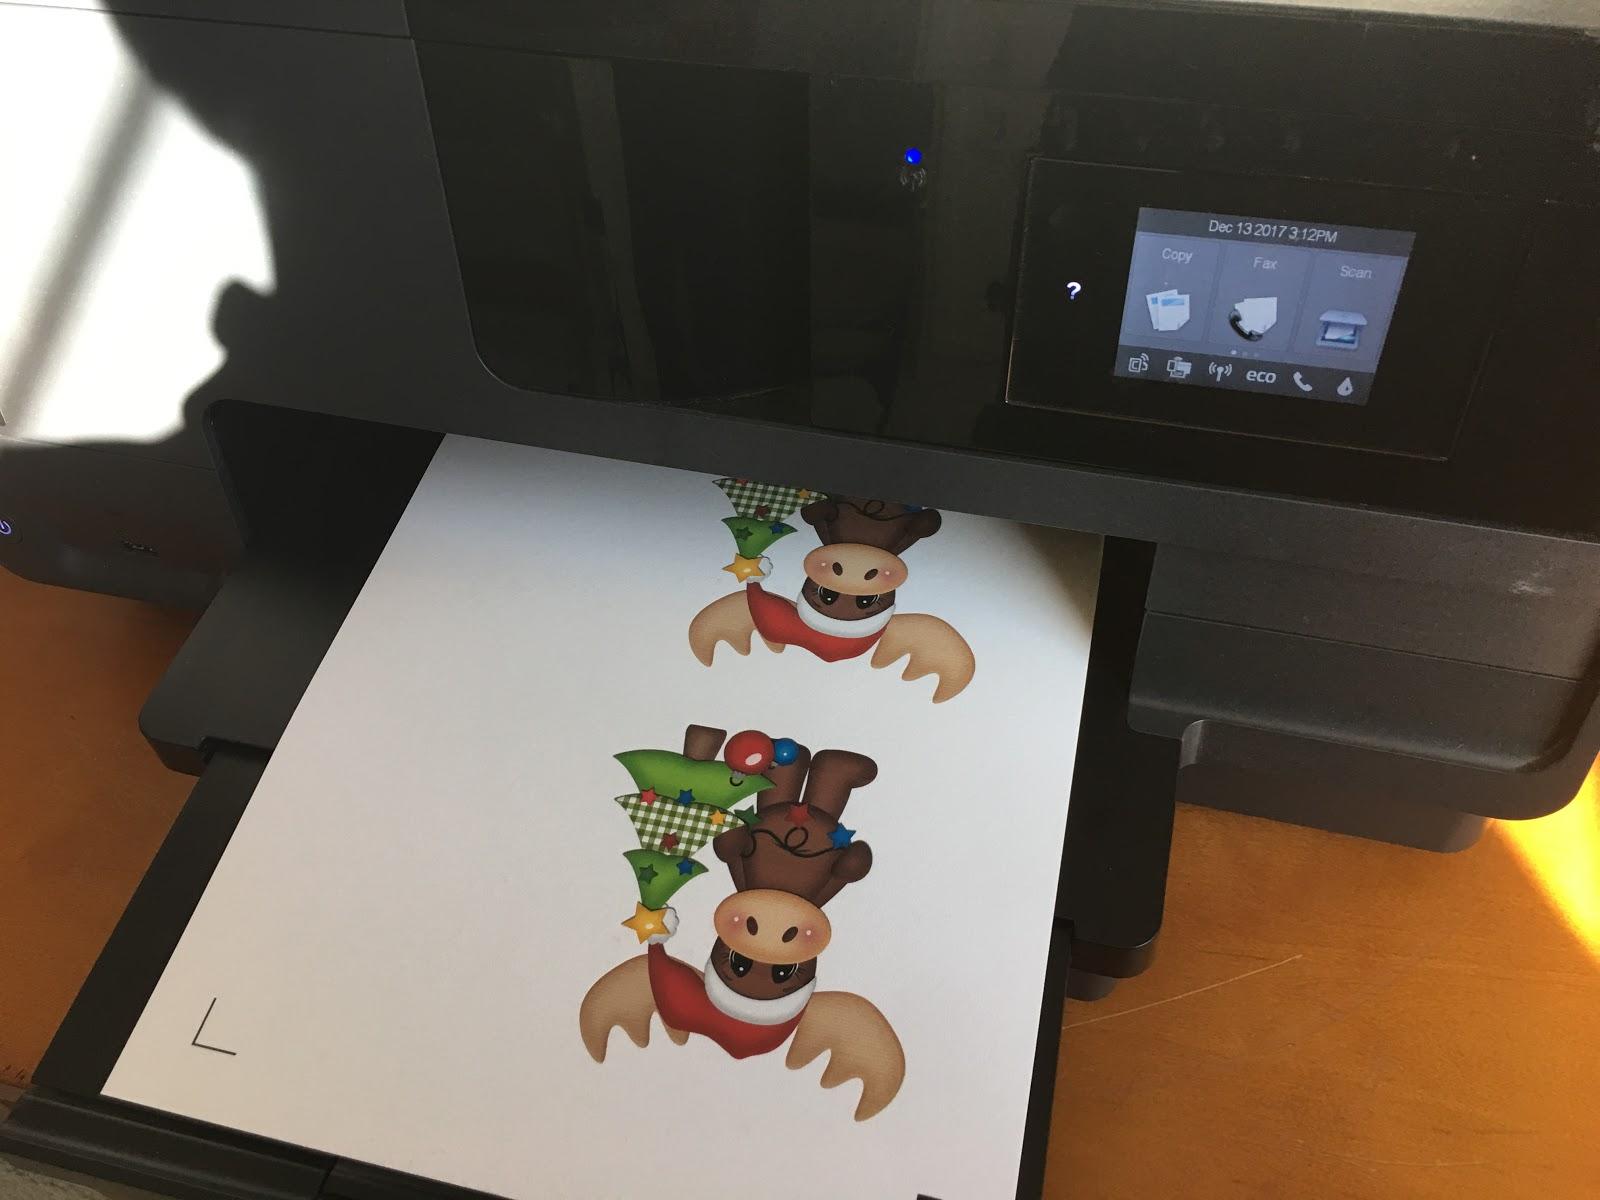 Finally Inkjet Printable Heat Transfer Material For